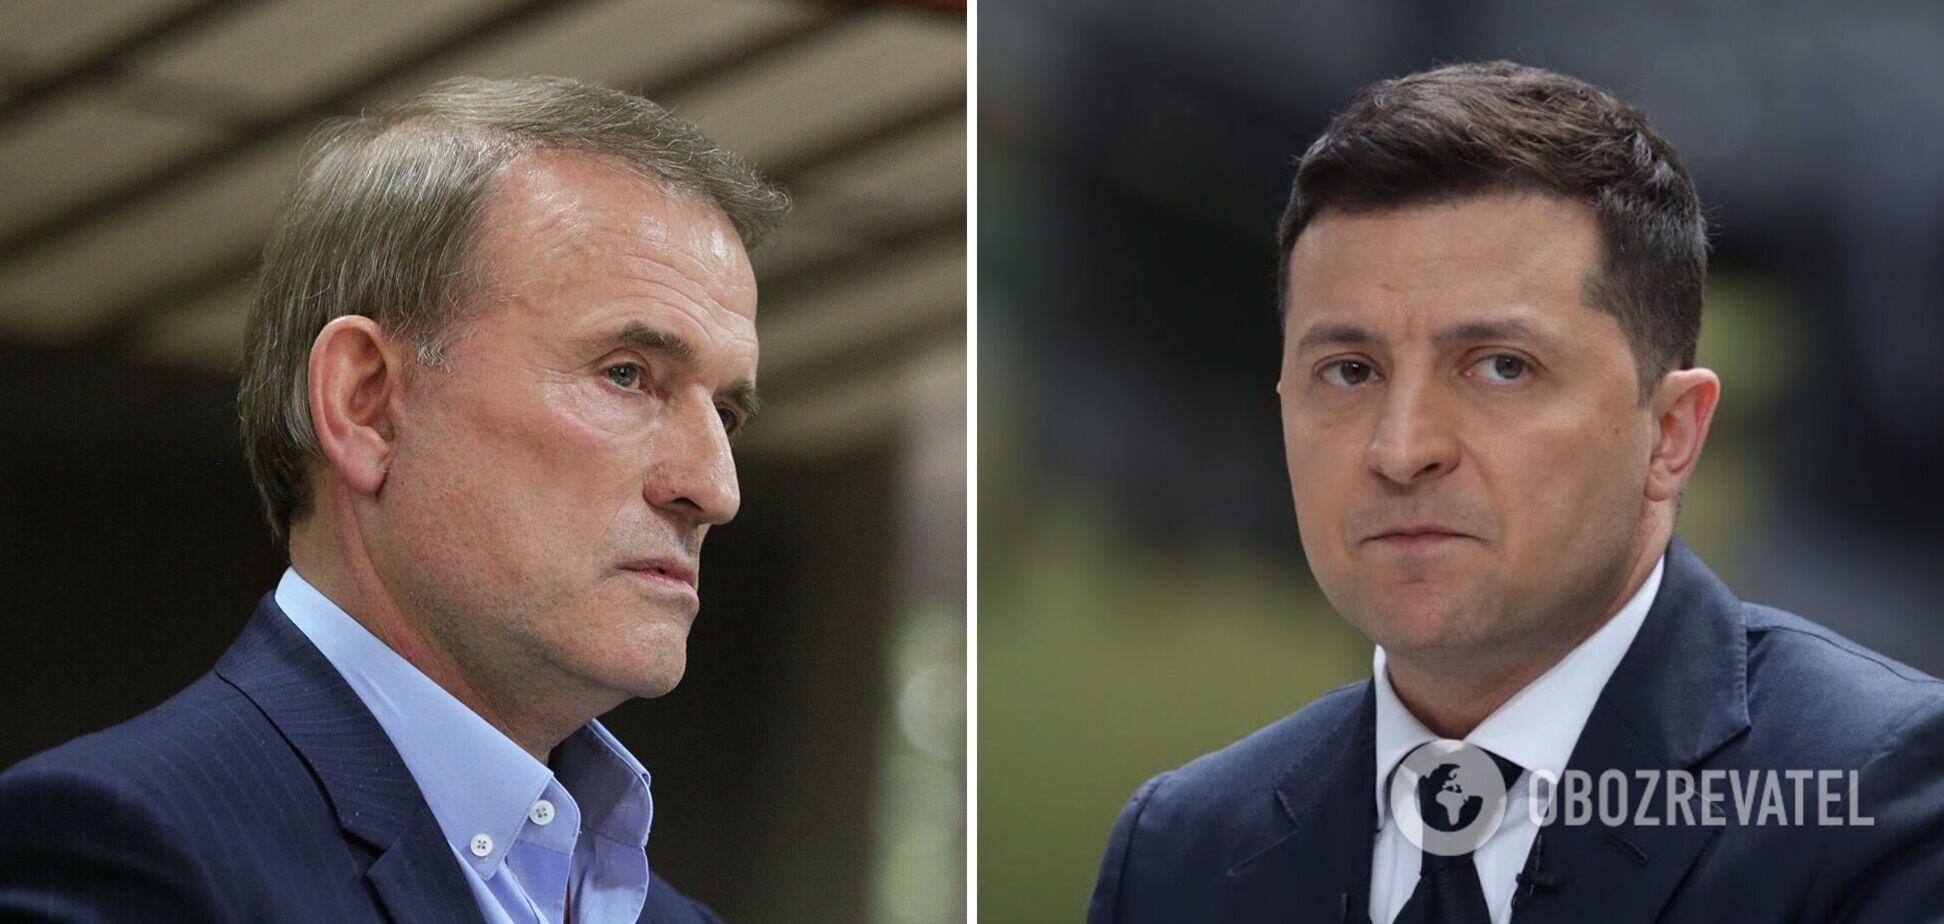 Лидер ОПЗЖ из суда ответил Зеленскому на 'завершение эпохи Медведчука'